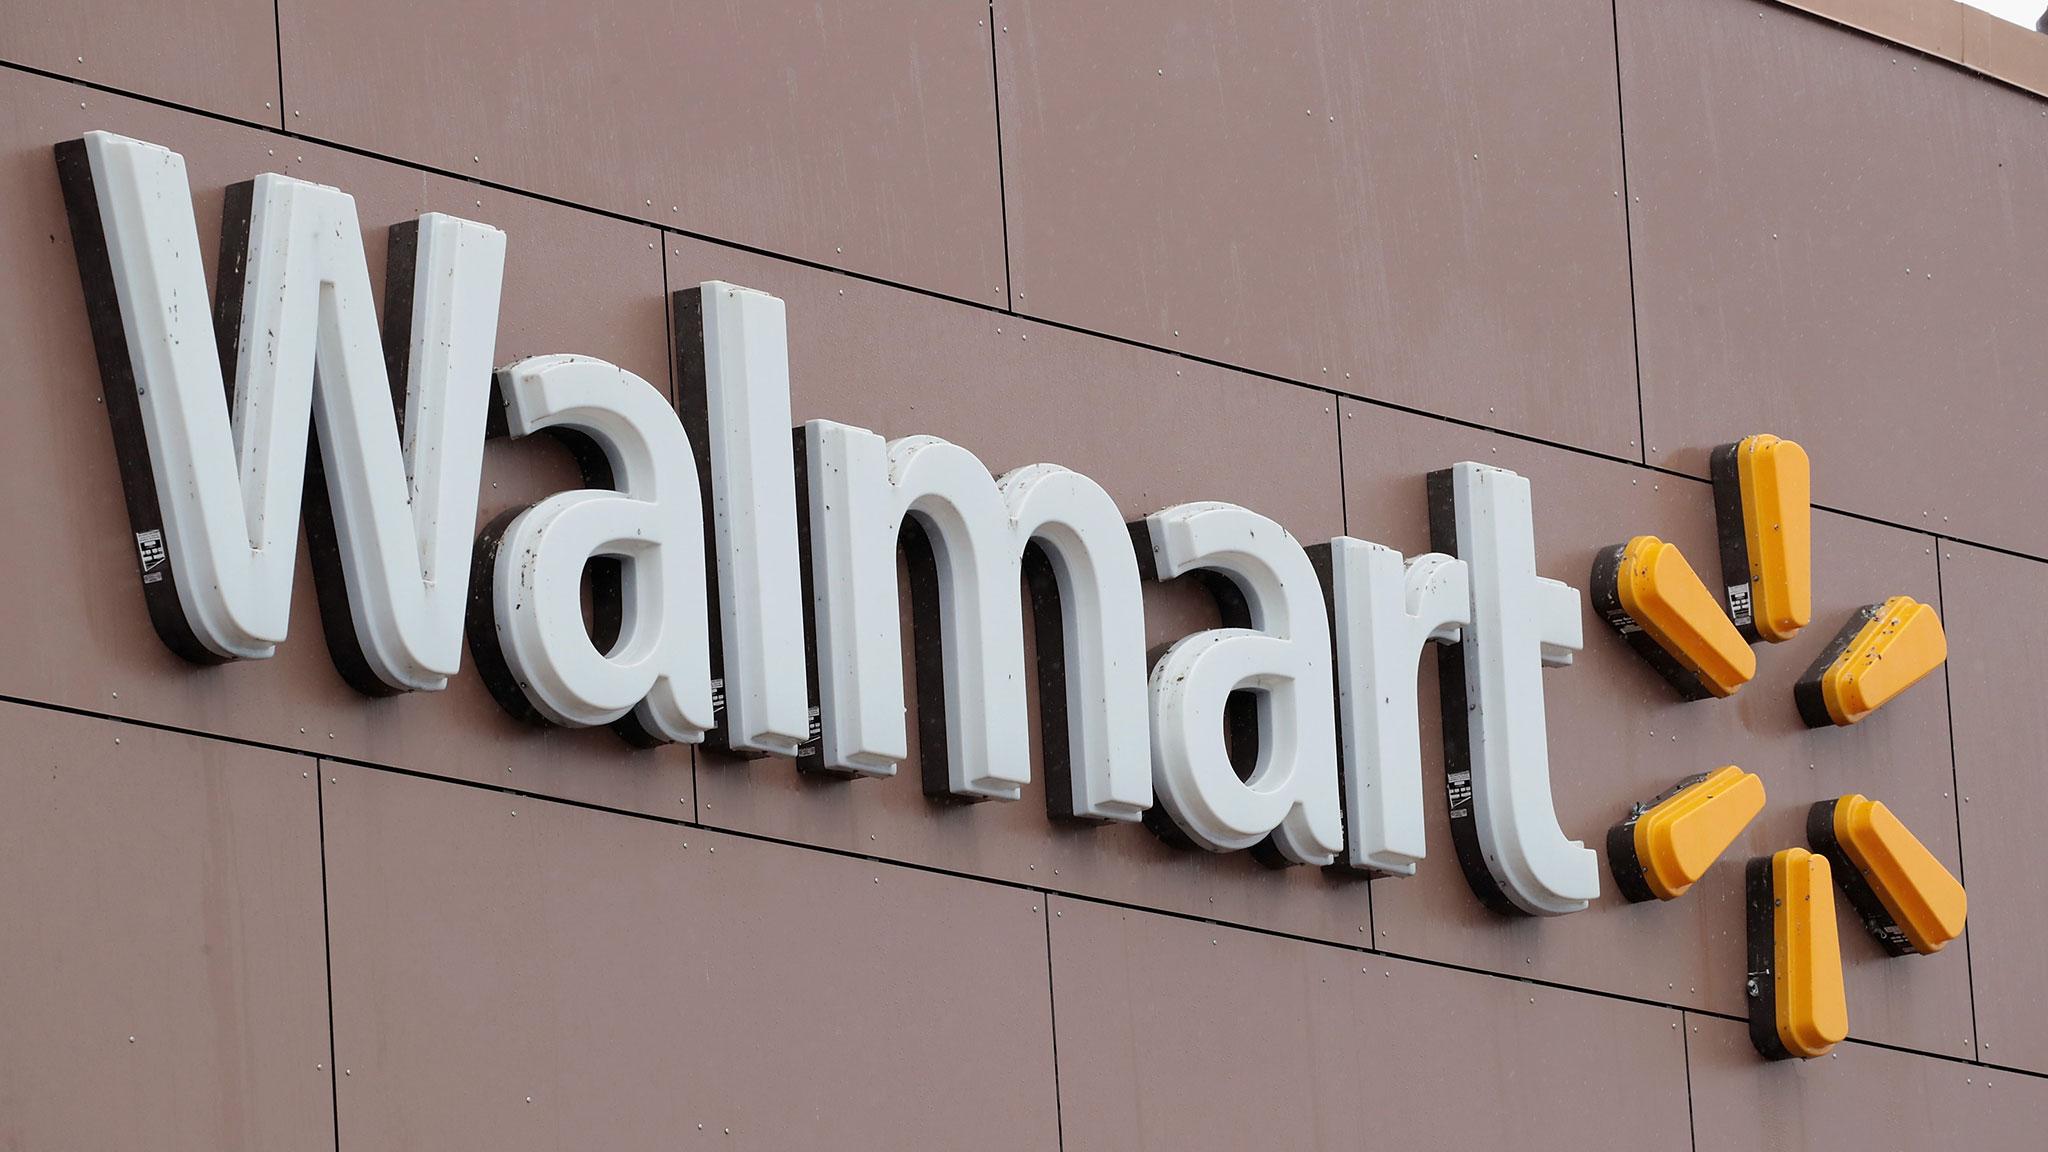 Excelente Walmart Marco De Fotos Patrón - Ideas Personalizadas de ...